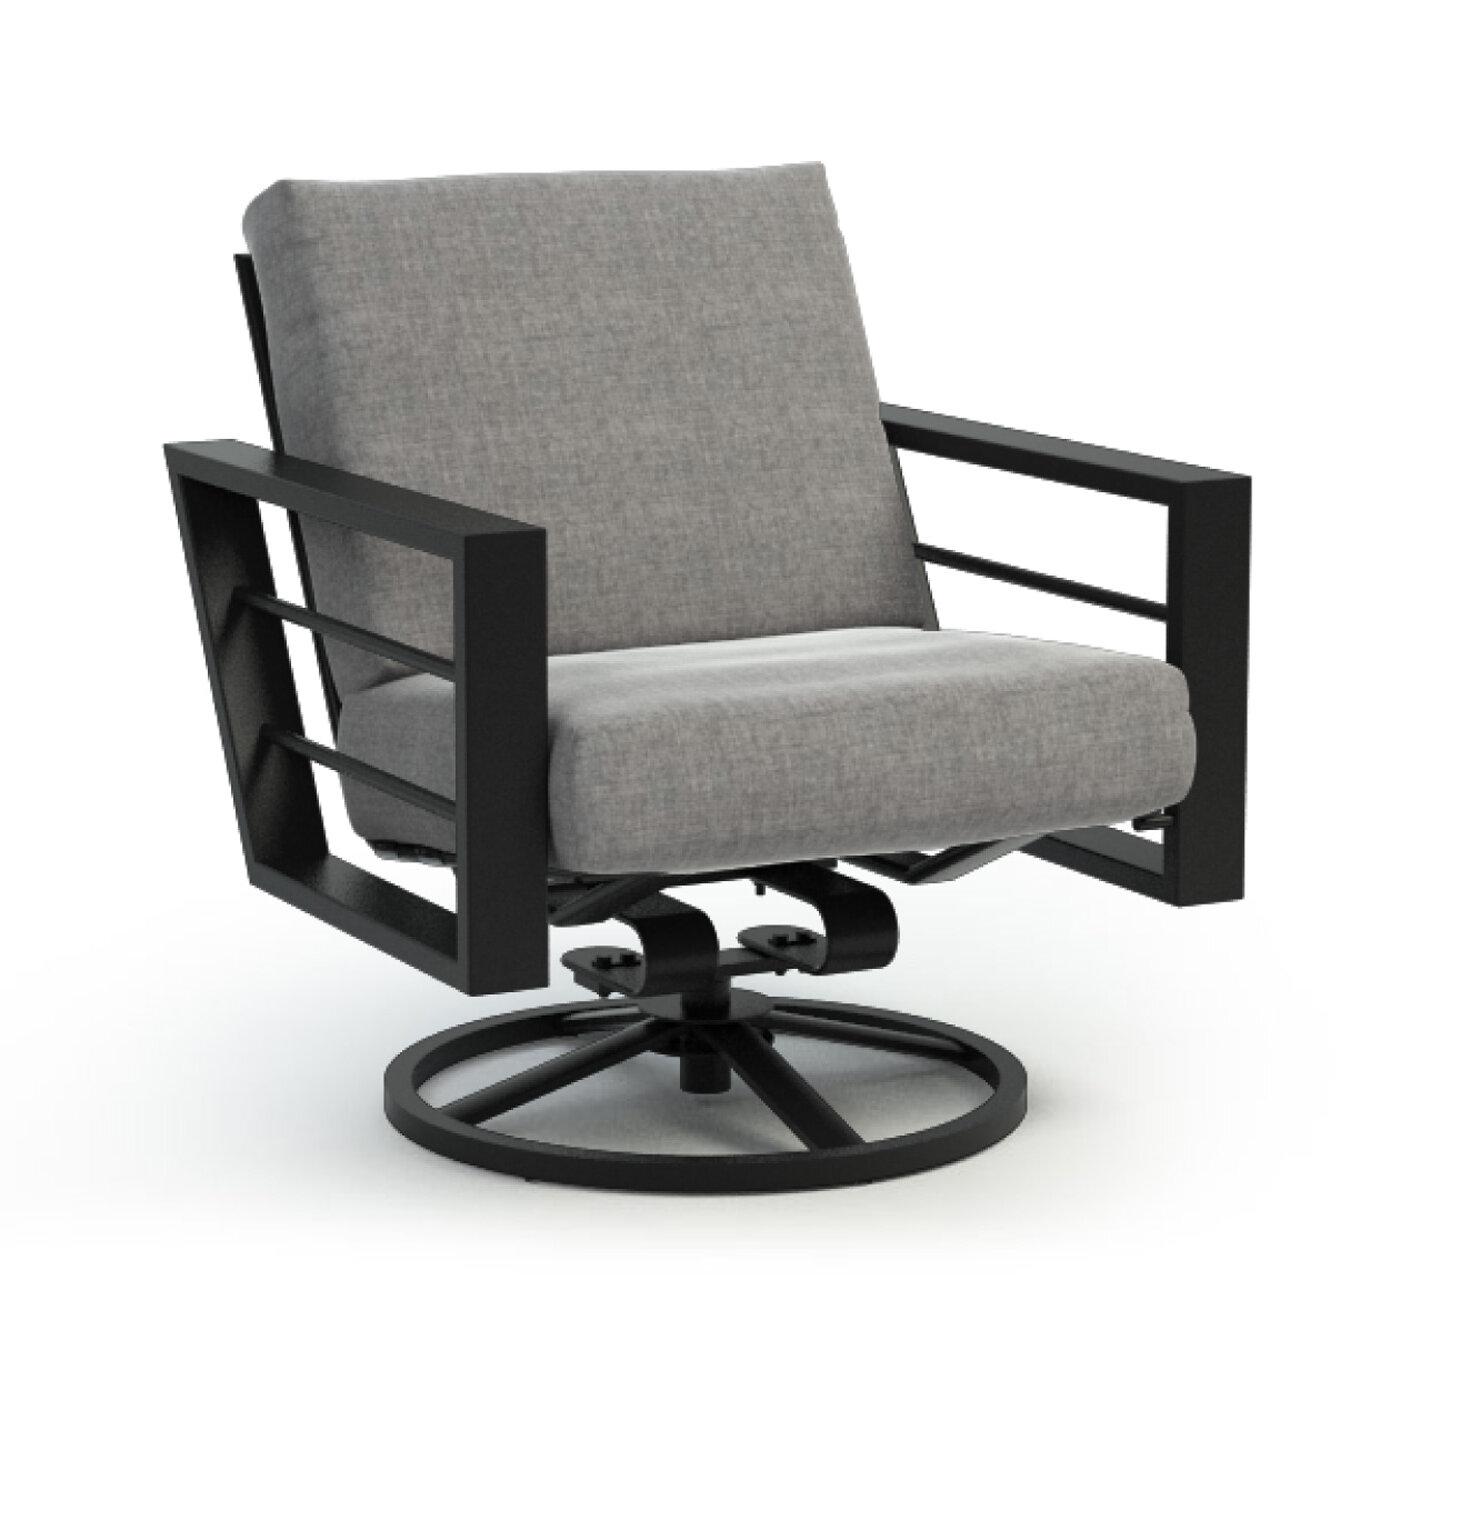 Low Back Rocker Chat Swivel Patio Chair